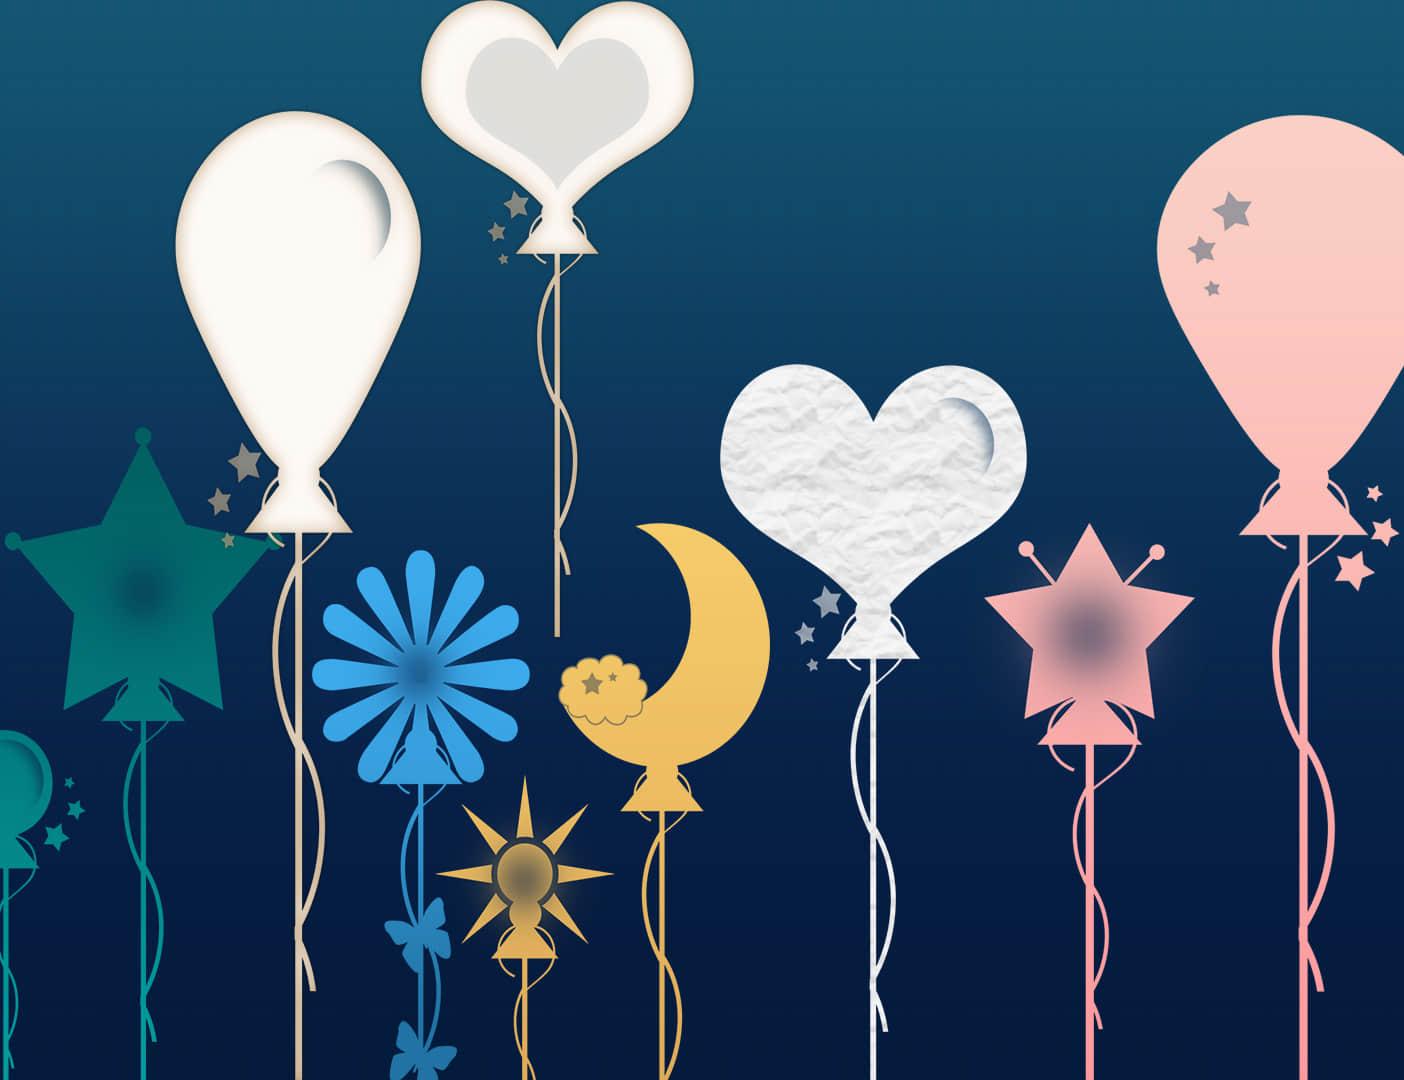 爱心、星星、月亮、花朵气球图案PS装扮笔刷 气球笔刷  adornment brushes